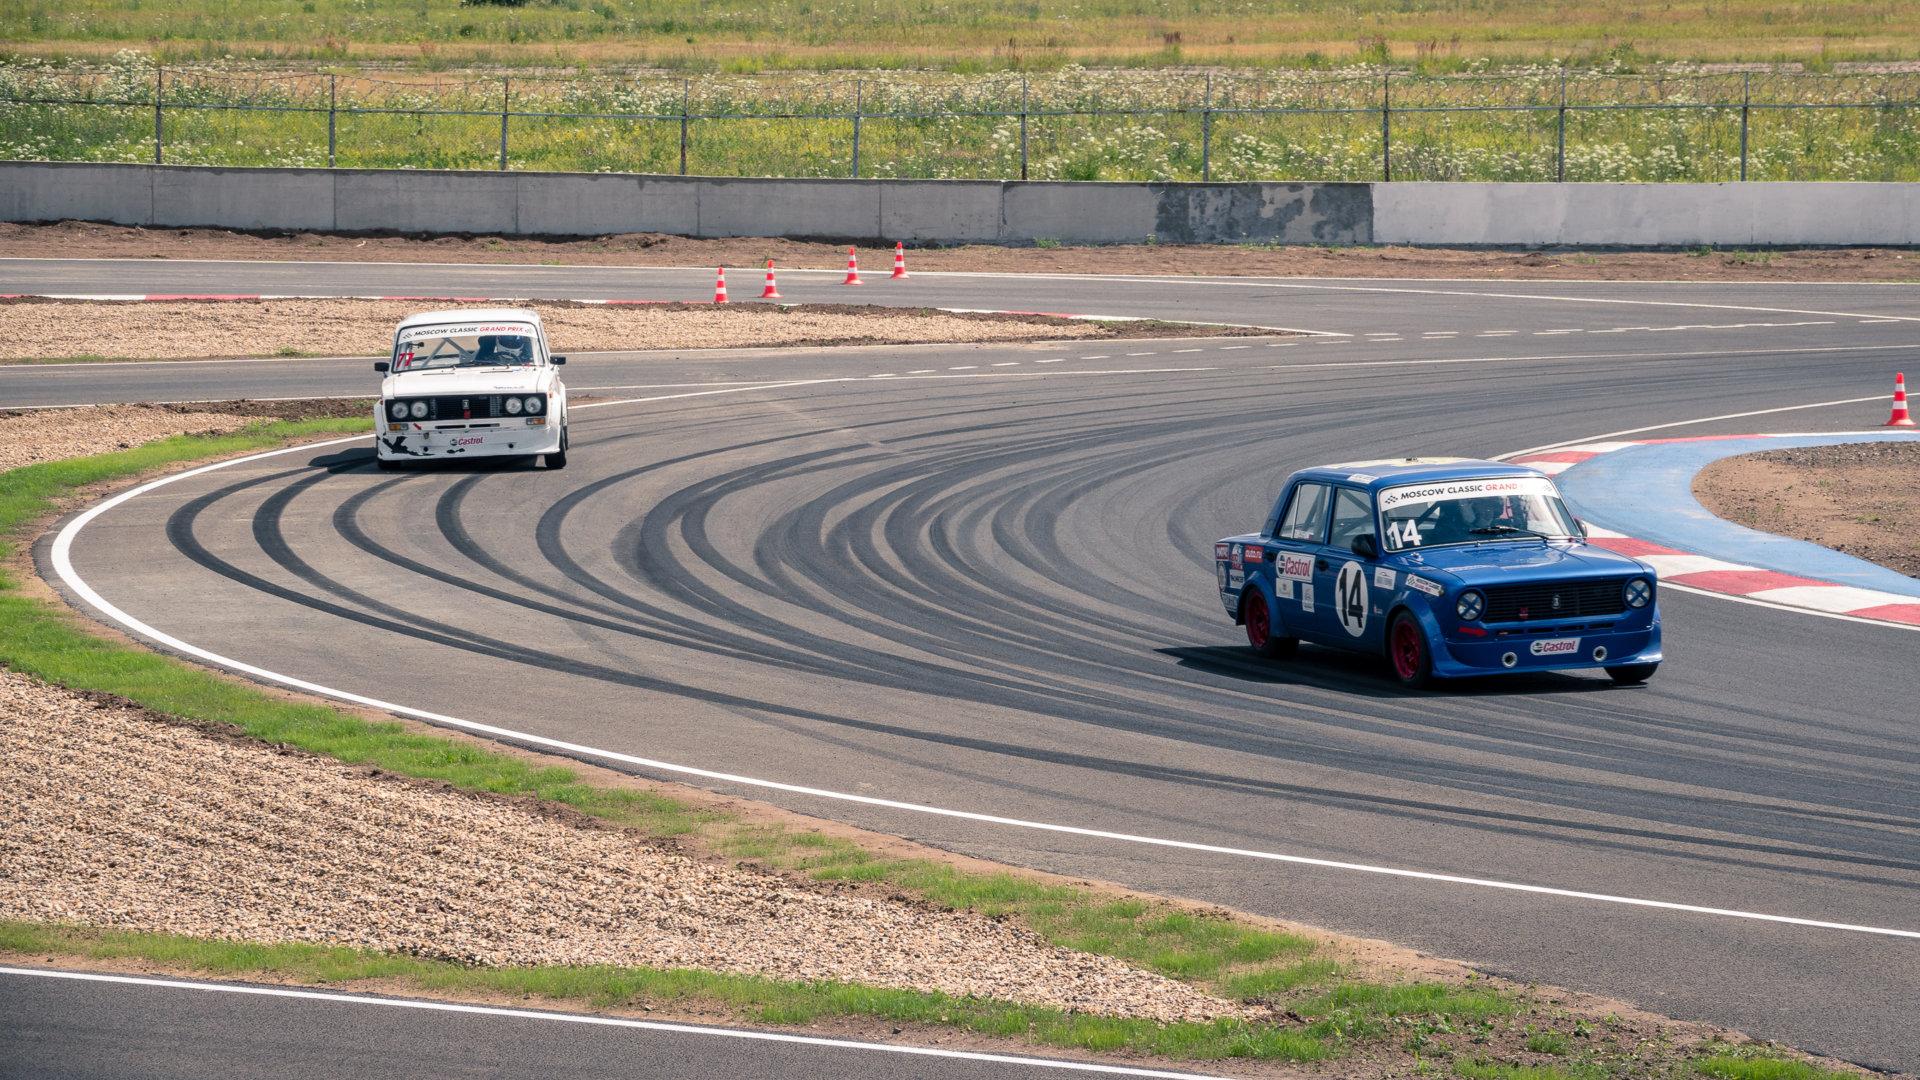 ADM Raceway снова примет соревнования по автогонкам